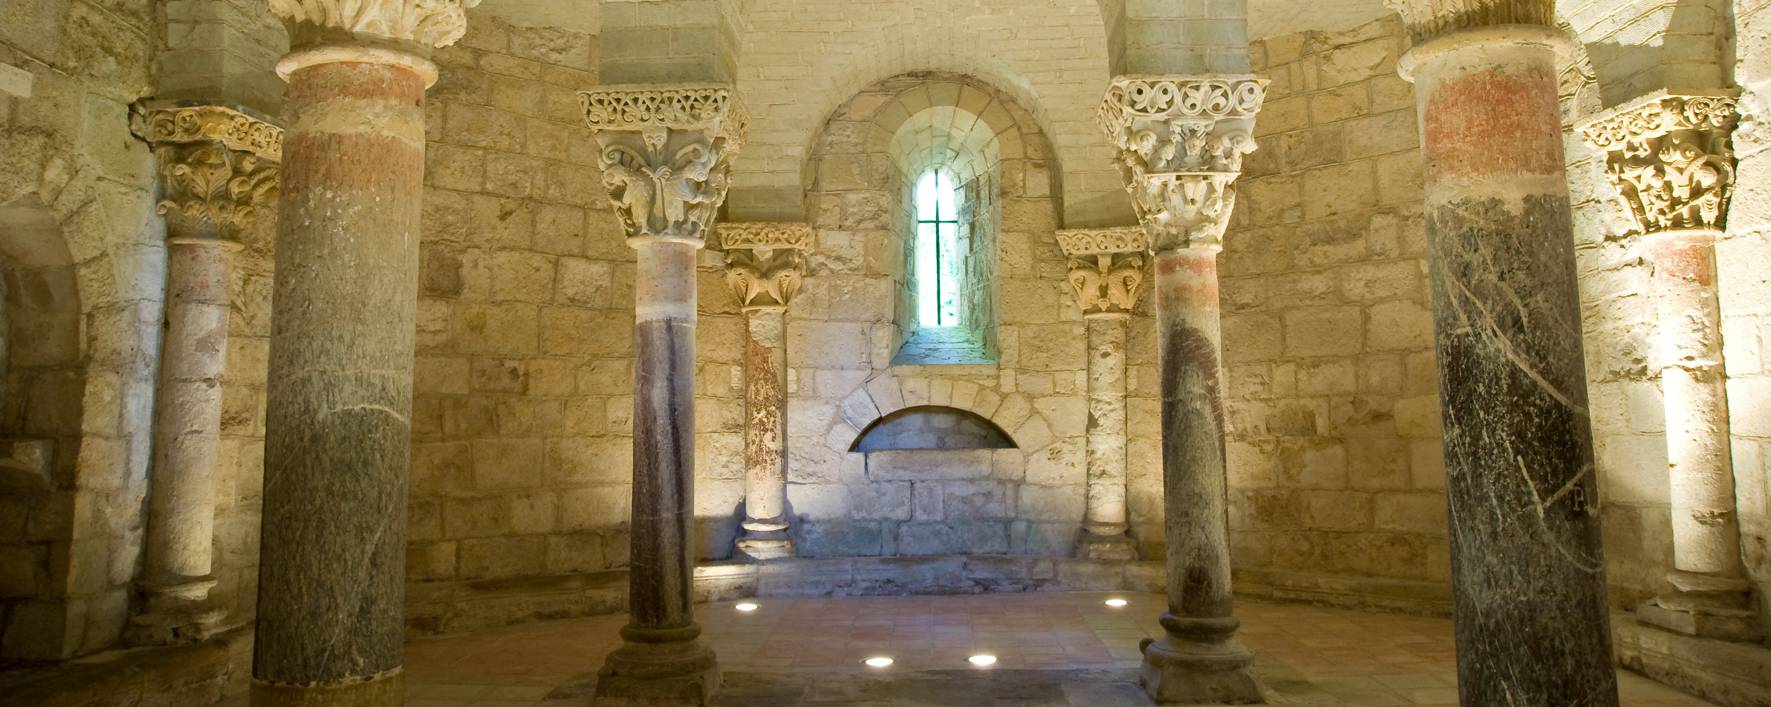 Intérieur de la Crypte de Saint Girons - © PACT/ Anne Lanta